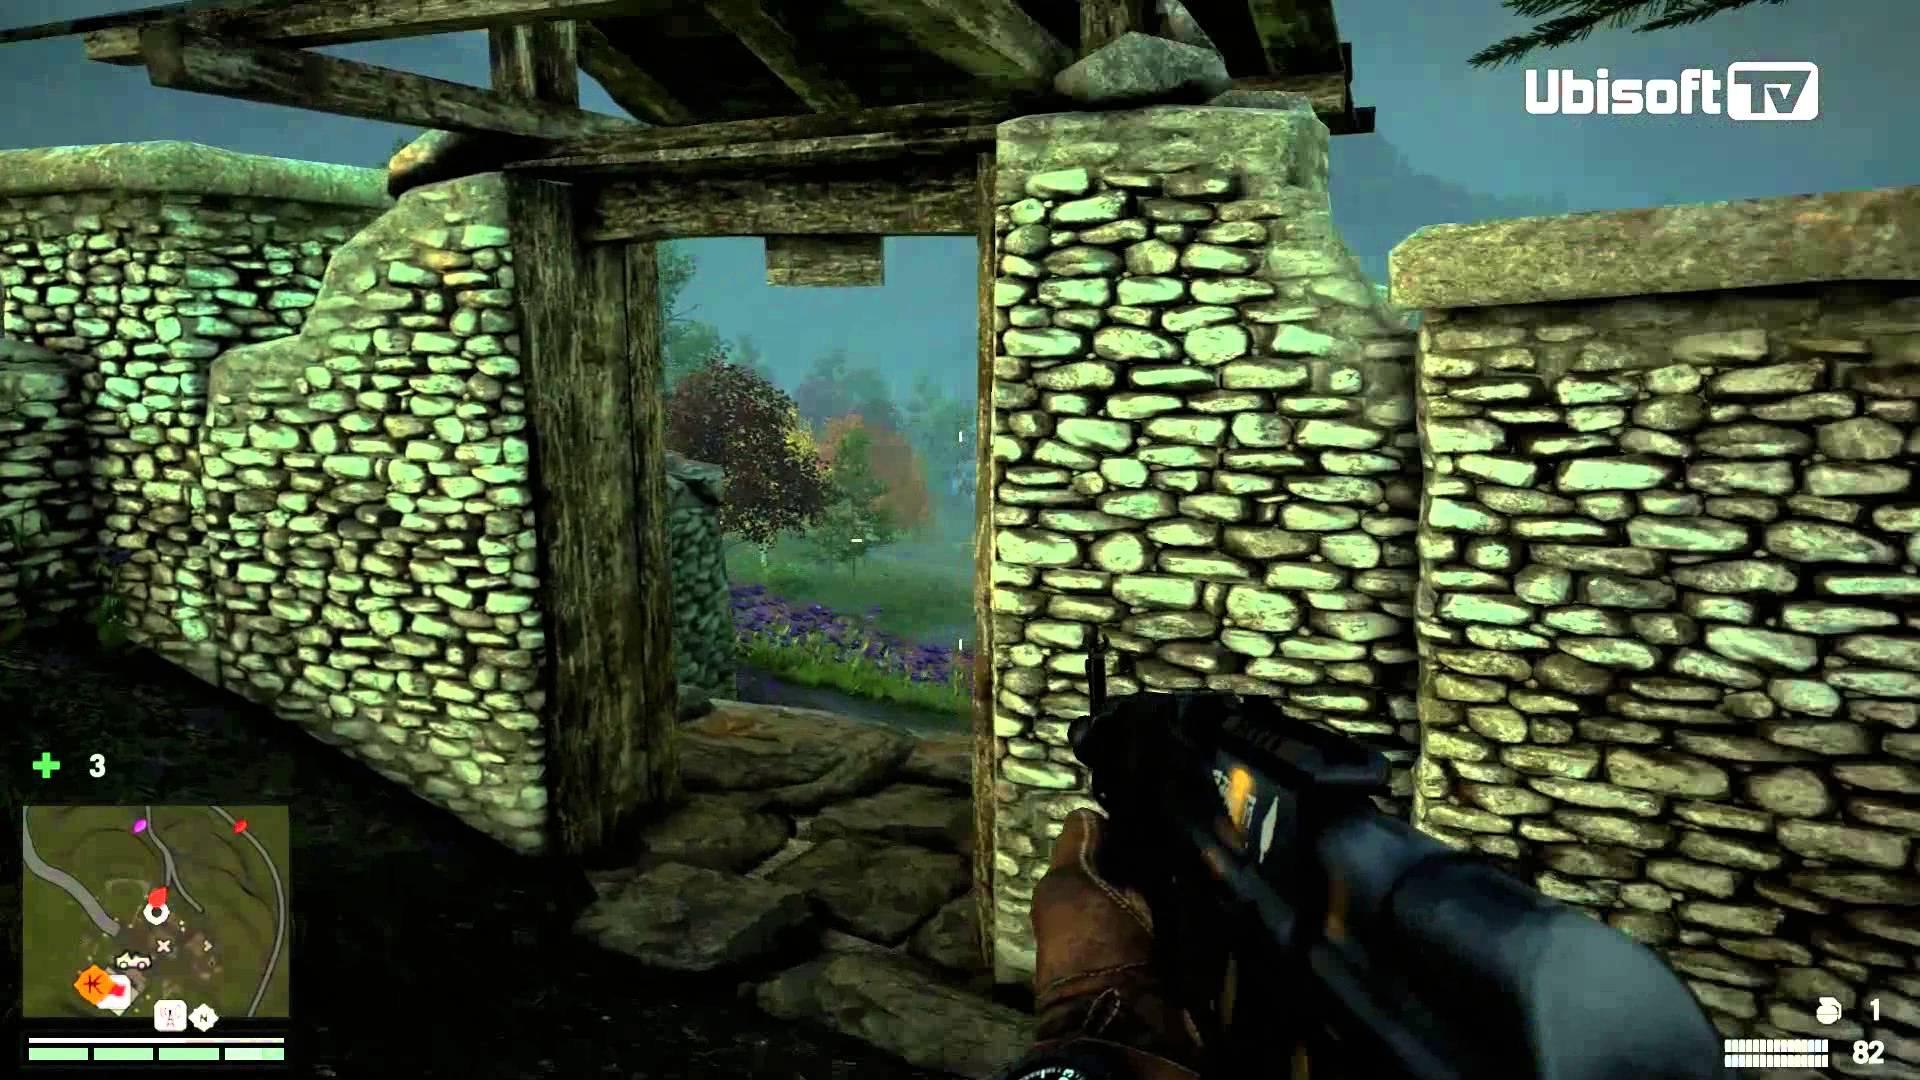 Far Cry 4: Ubisoft TV zeigt neues Gameplay und den Skilltree